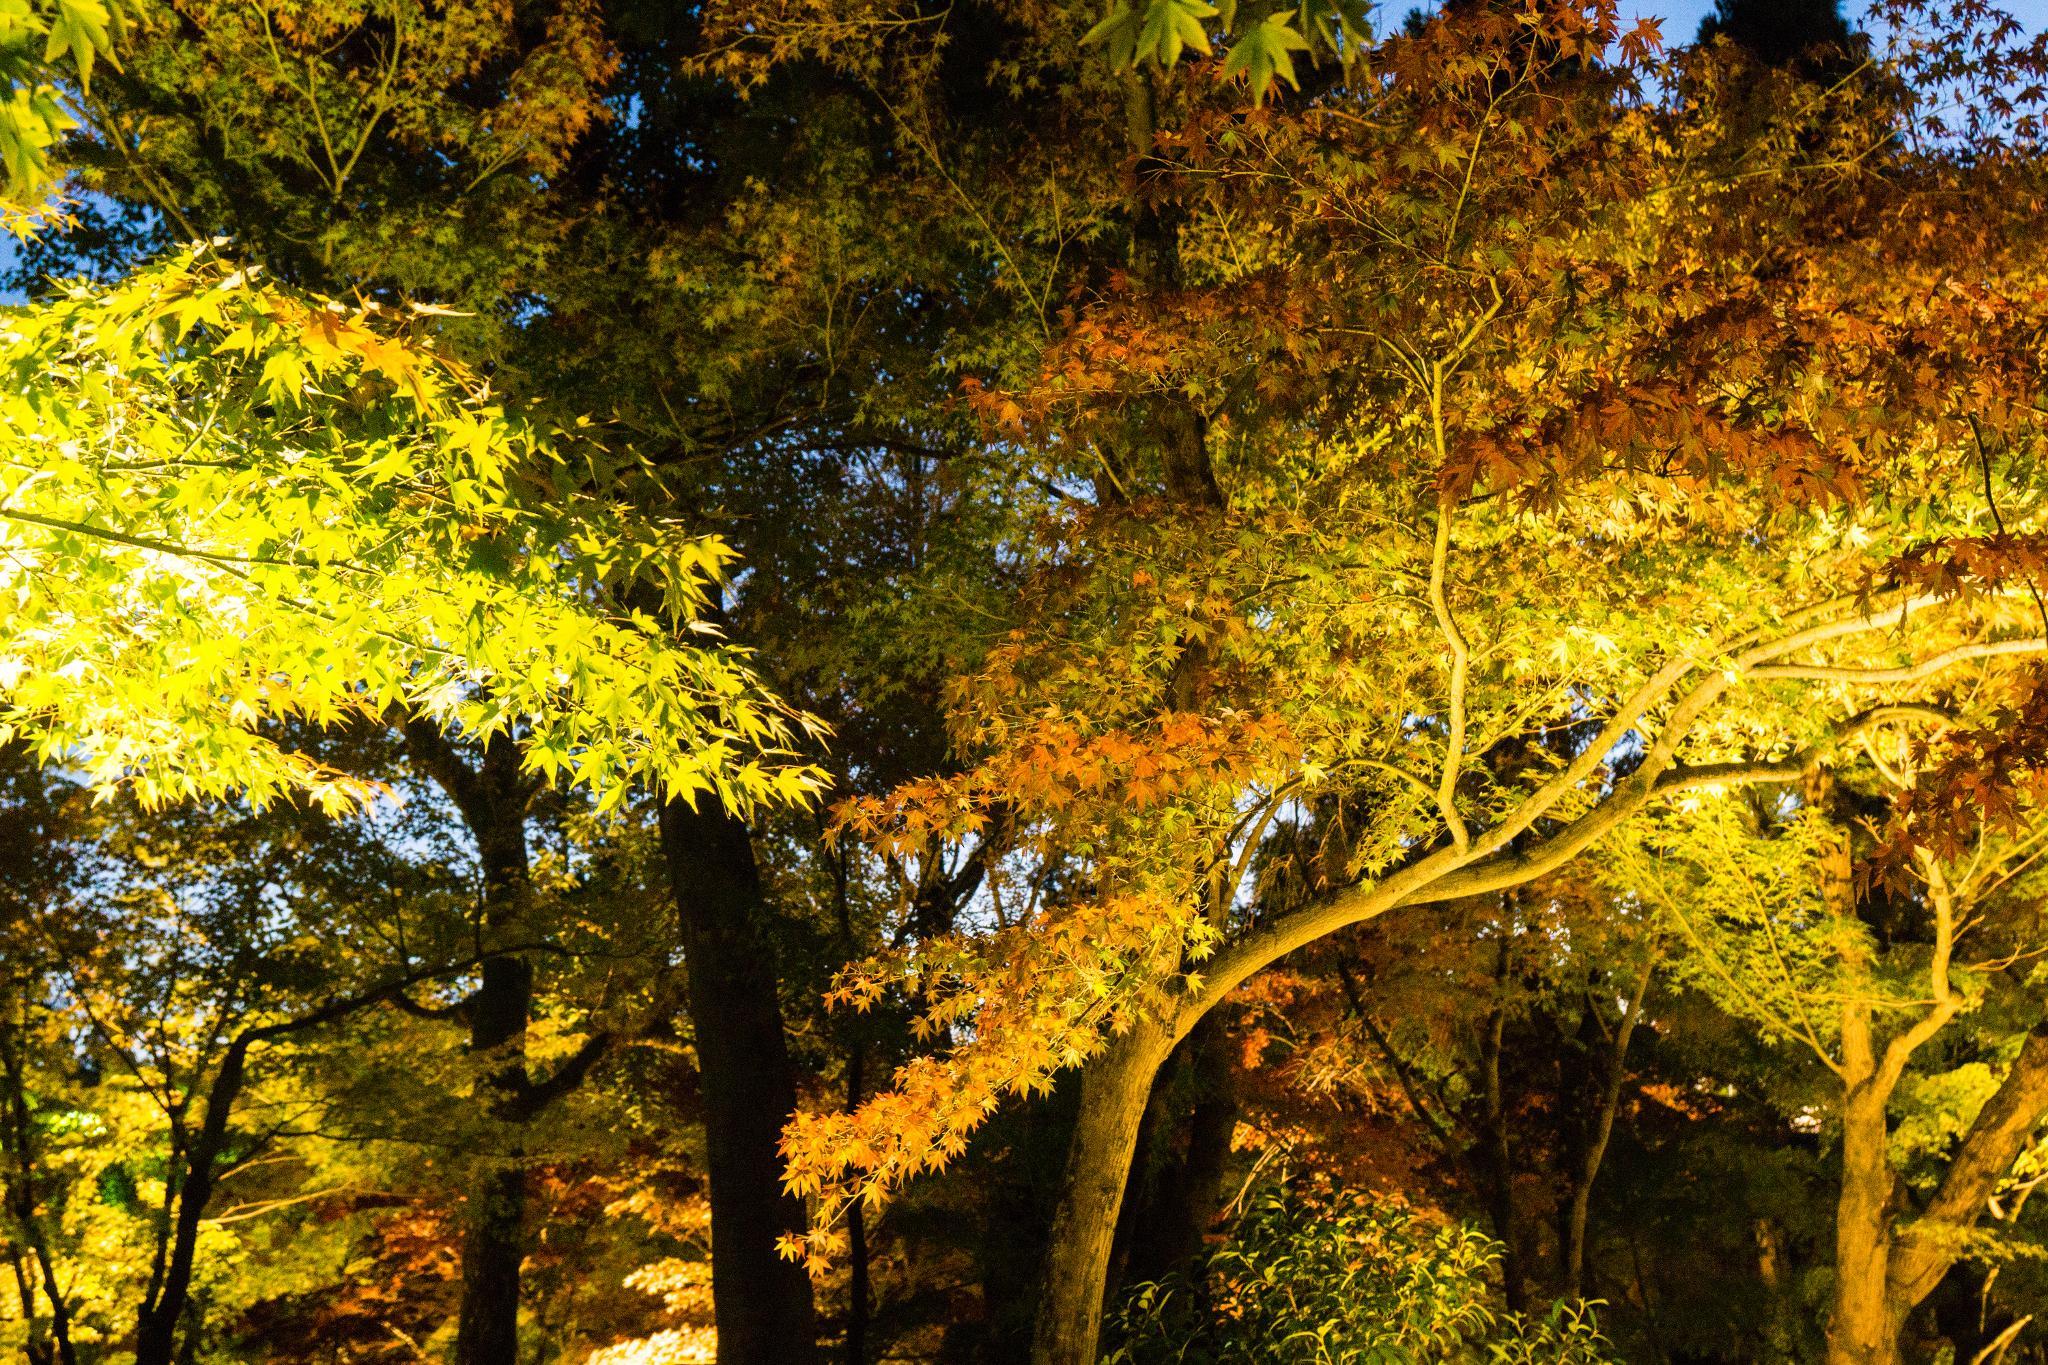 【京都】此生必來的紅葉狩絕景 - 永觀堂夜楓 106